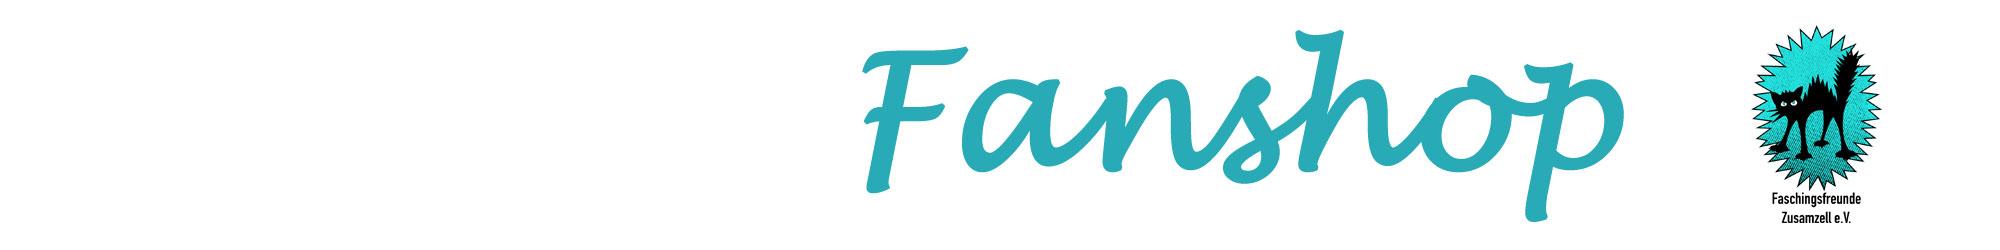 fanshop4you.de – hol Dir Deinen eigenen Fanshop!